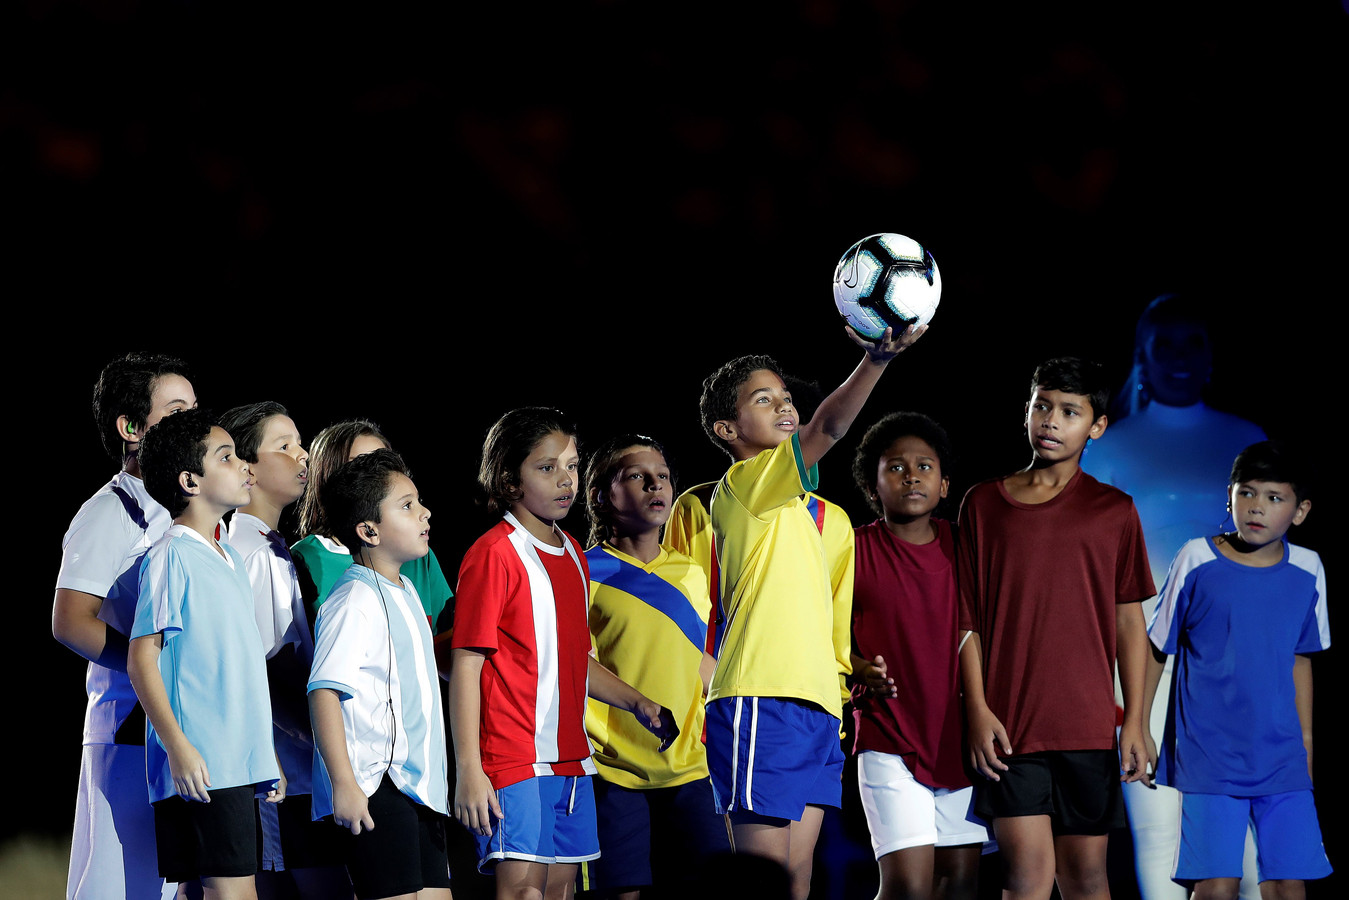 Voor het duel brachten tijdens de openingsceremonie kinderen gehuld in de shirts van alle deelnemende landen de wedstrijdbal het stadion binnen.